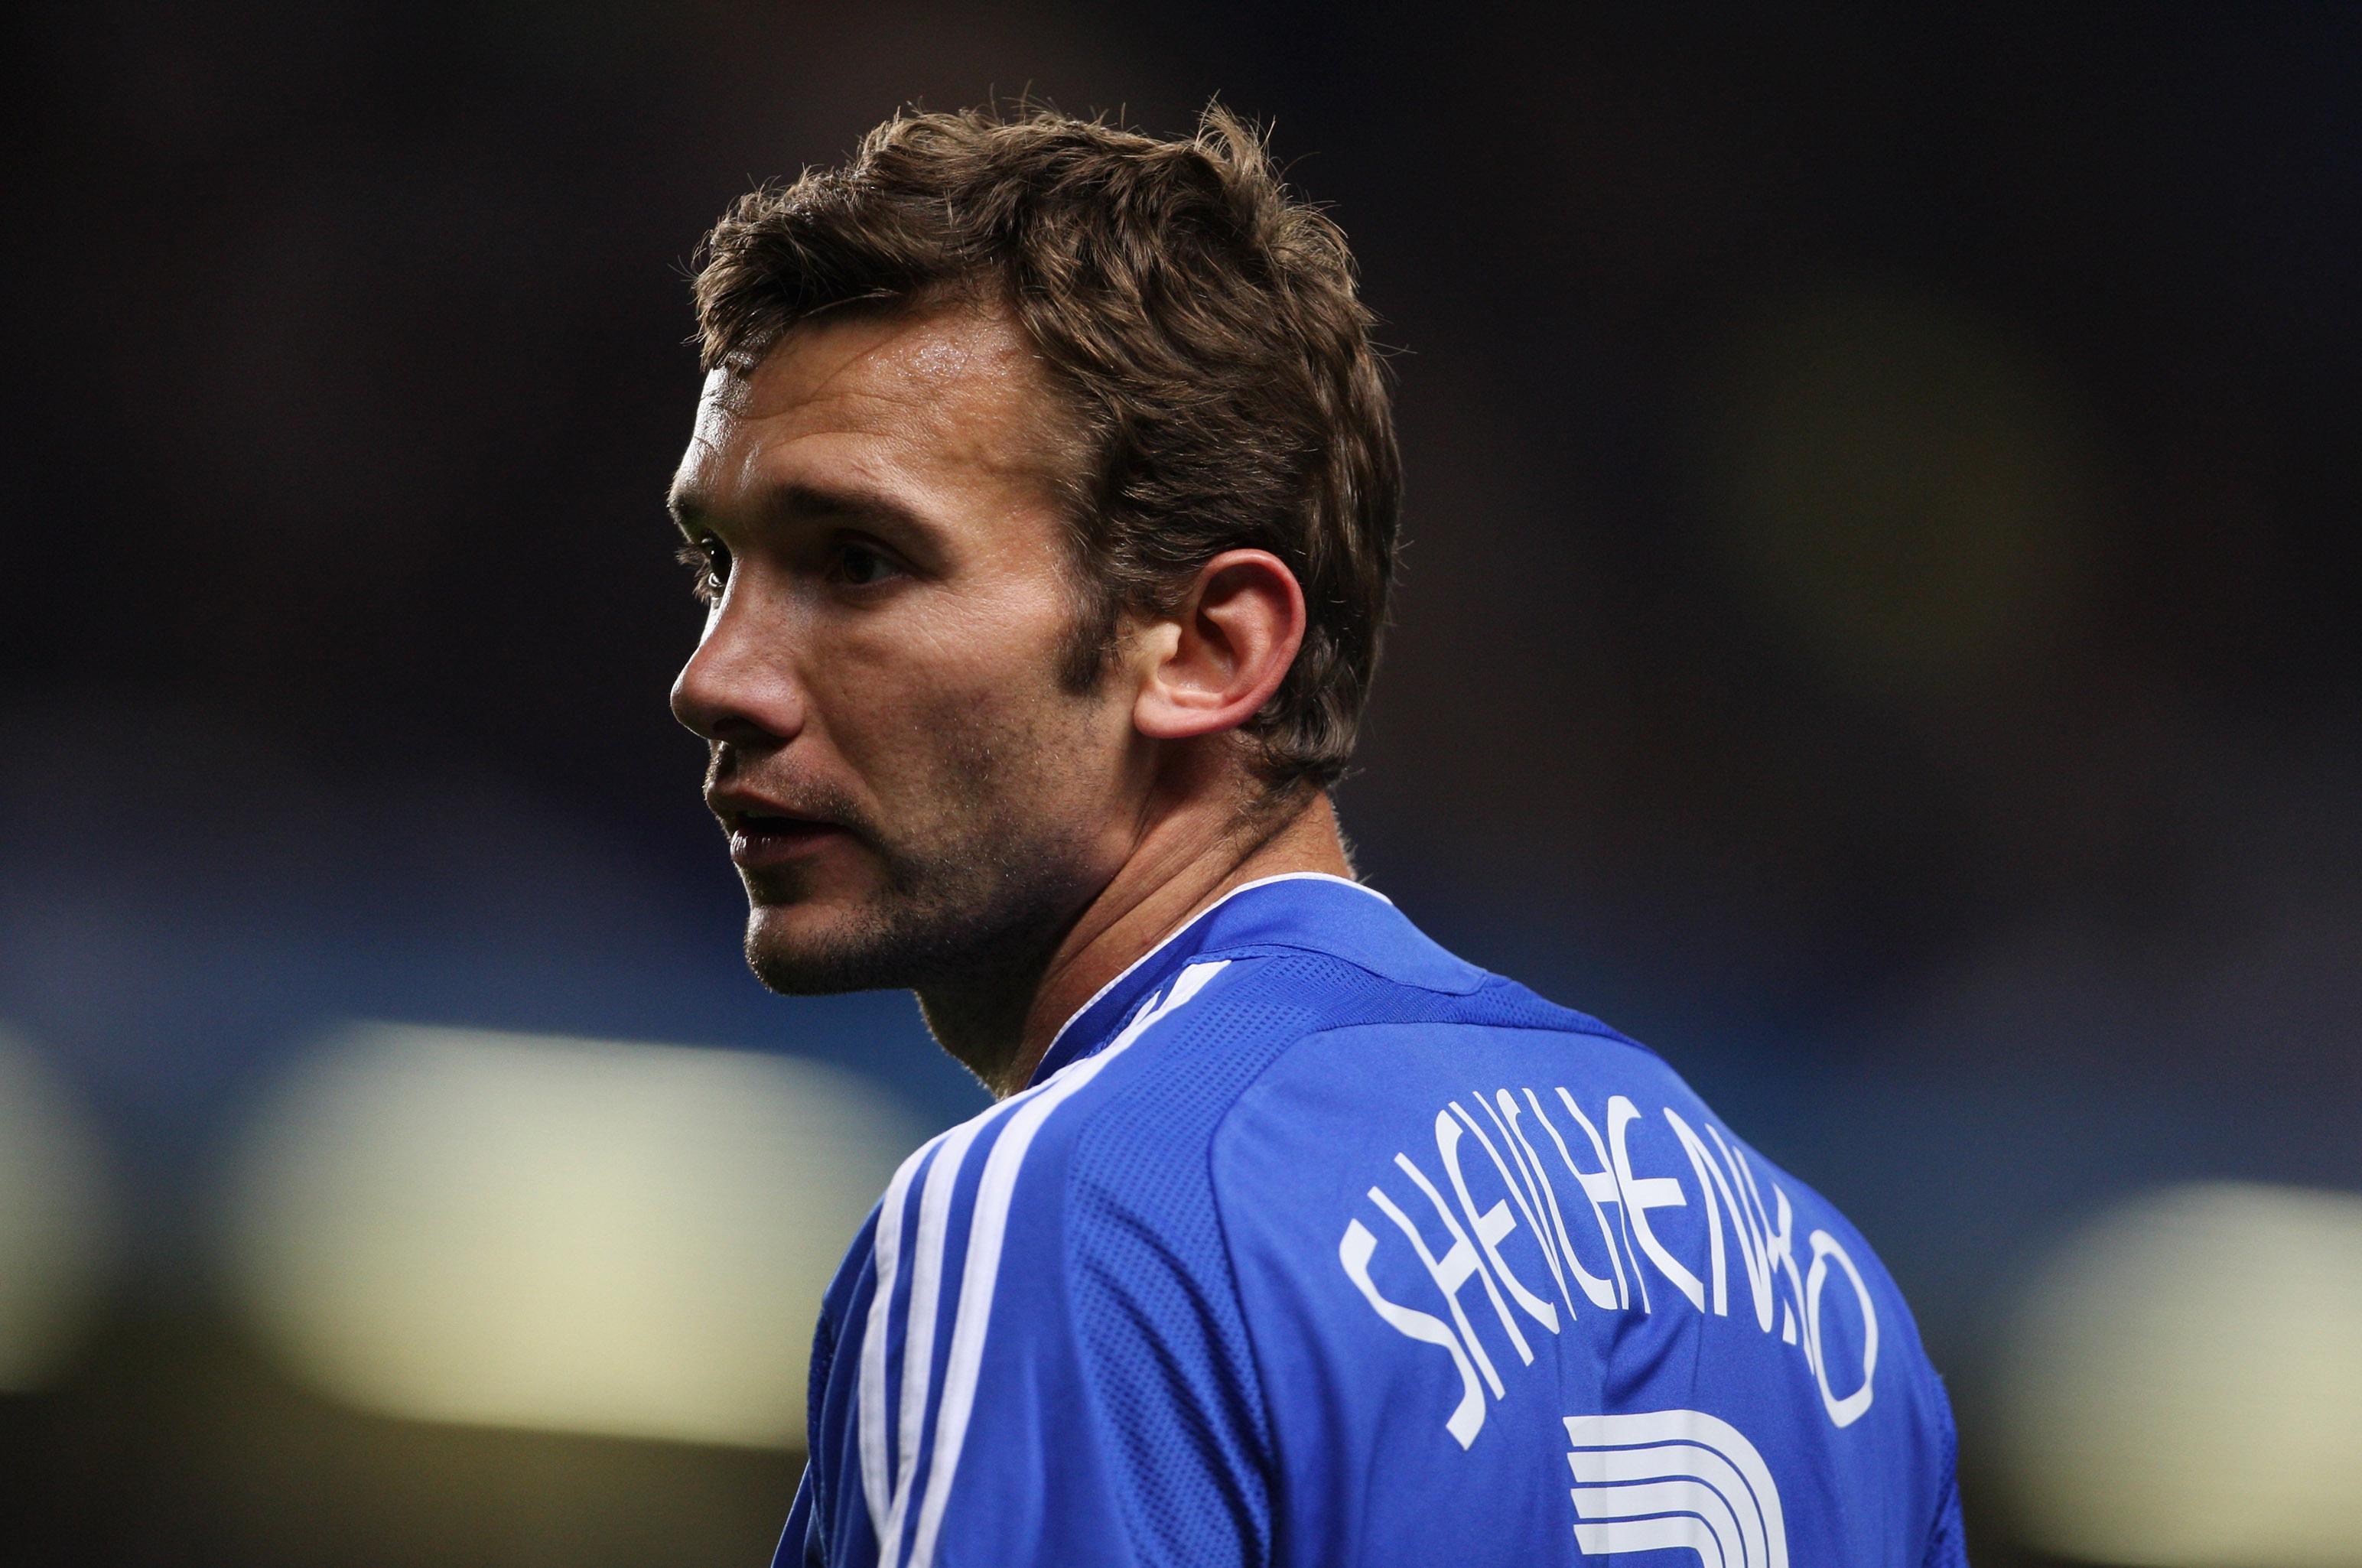 Shevchenko Chelsea